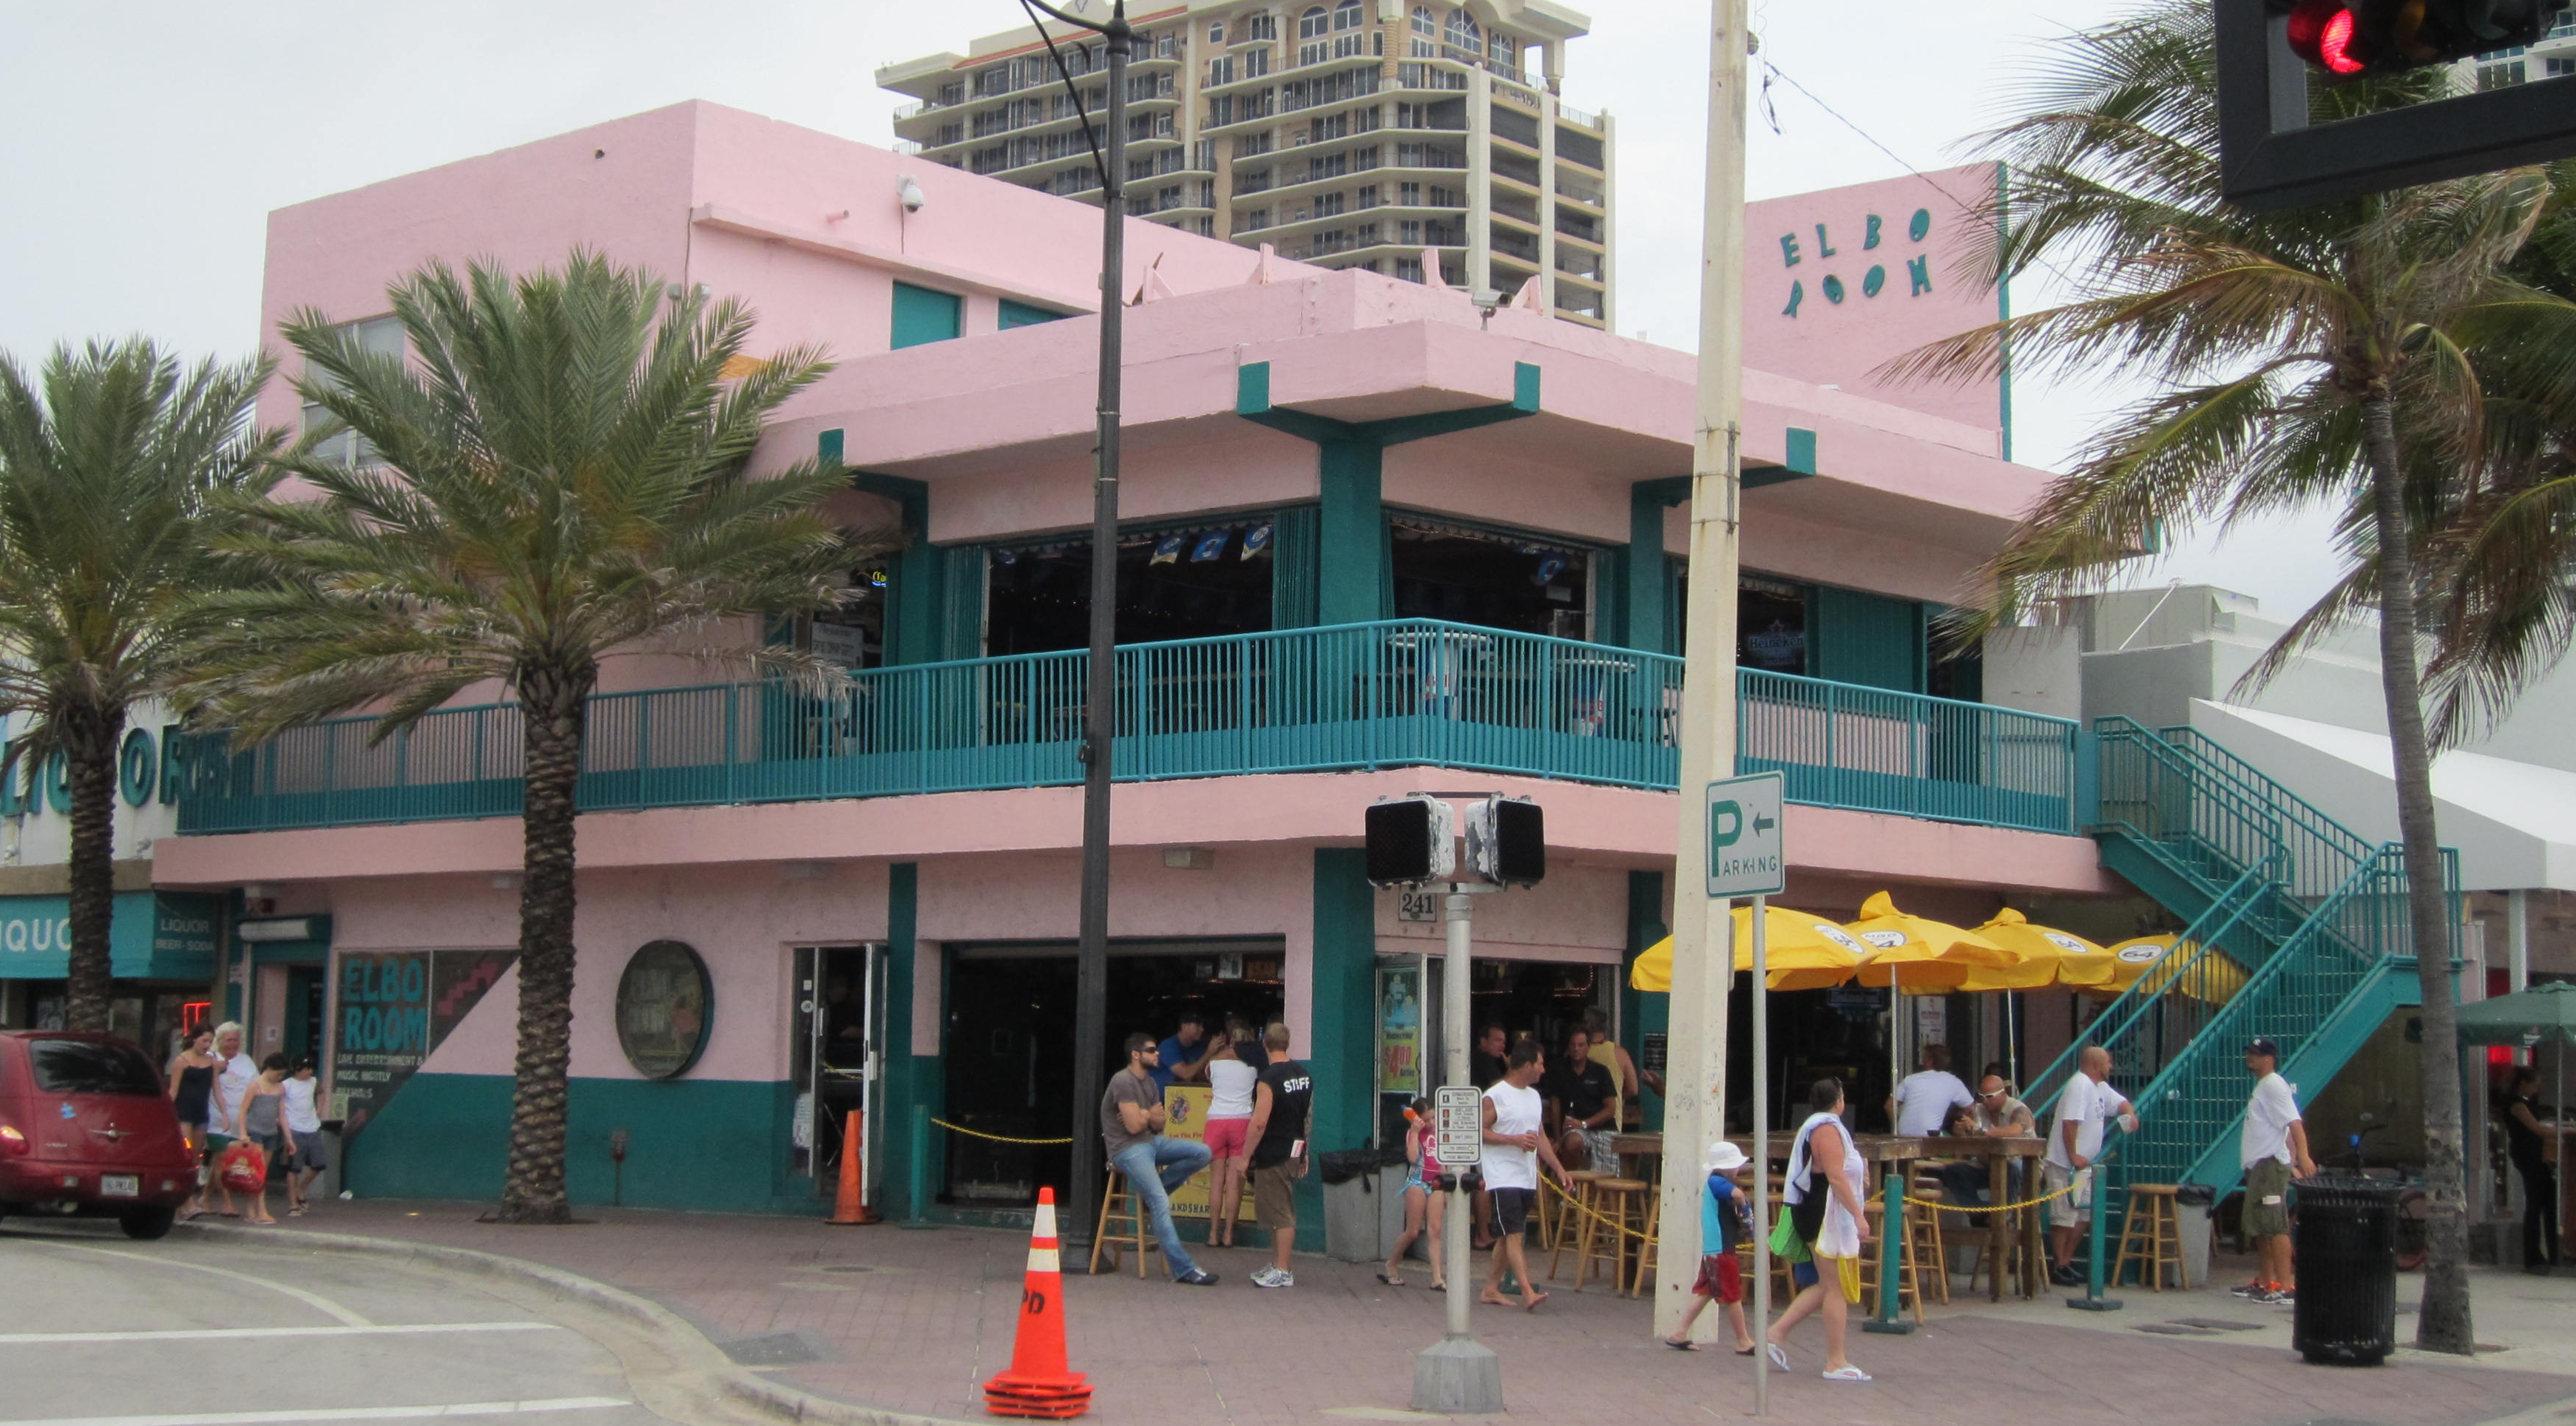 Fort Lauderdale Florida Airport Rental Cars